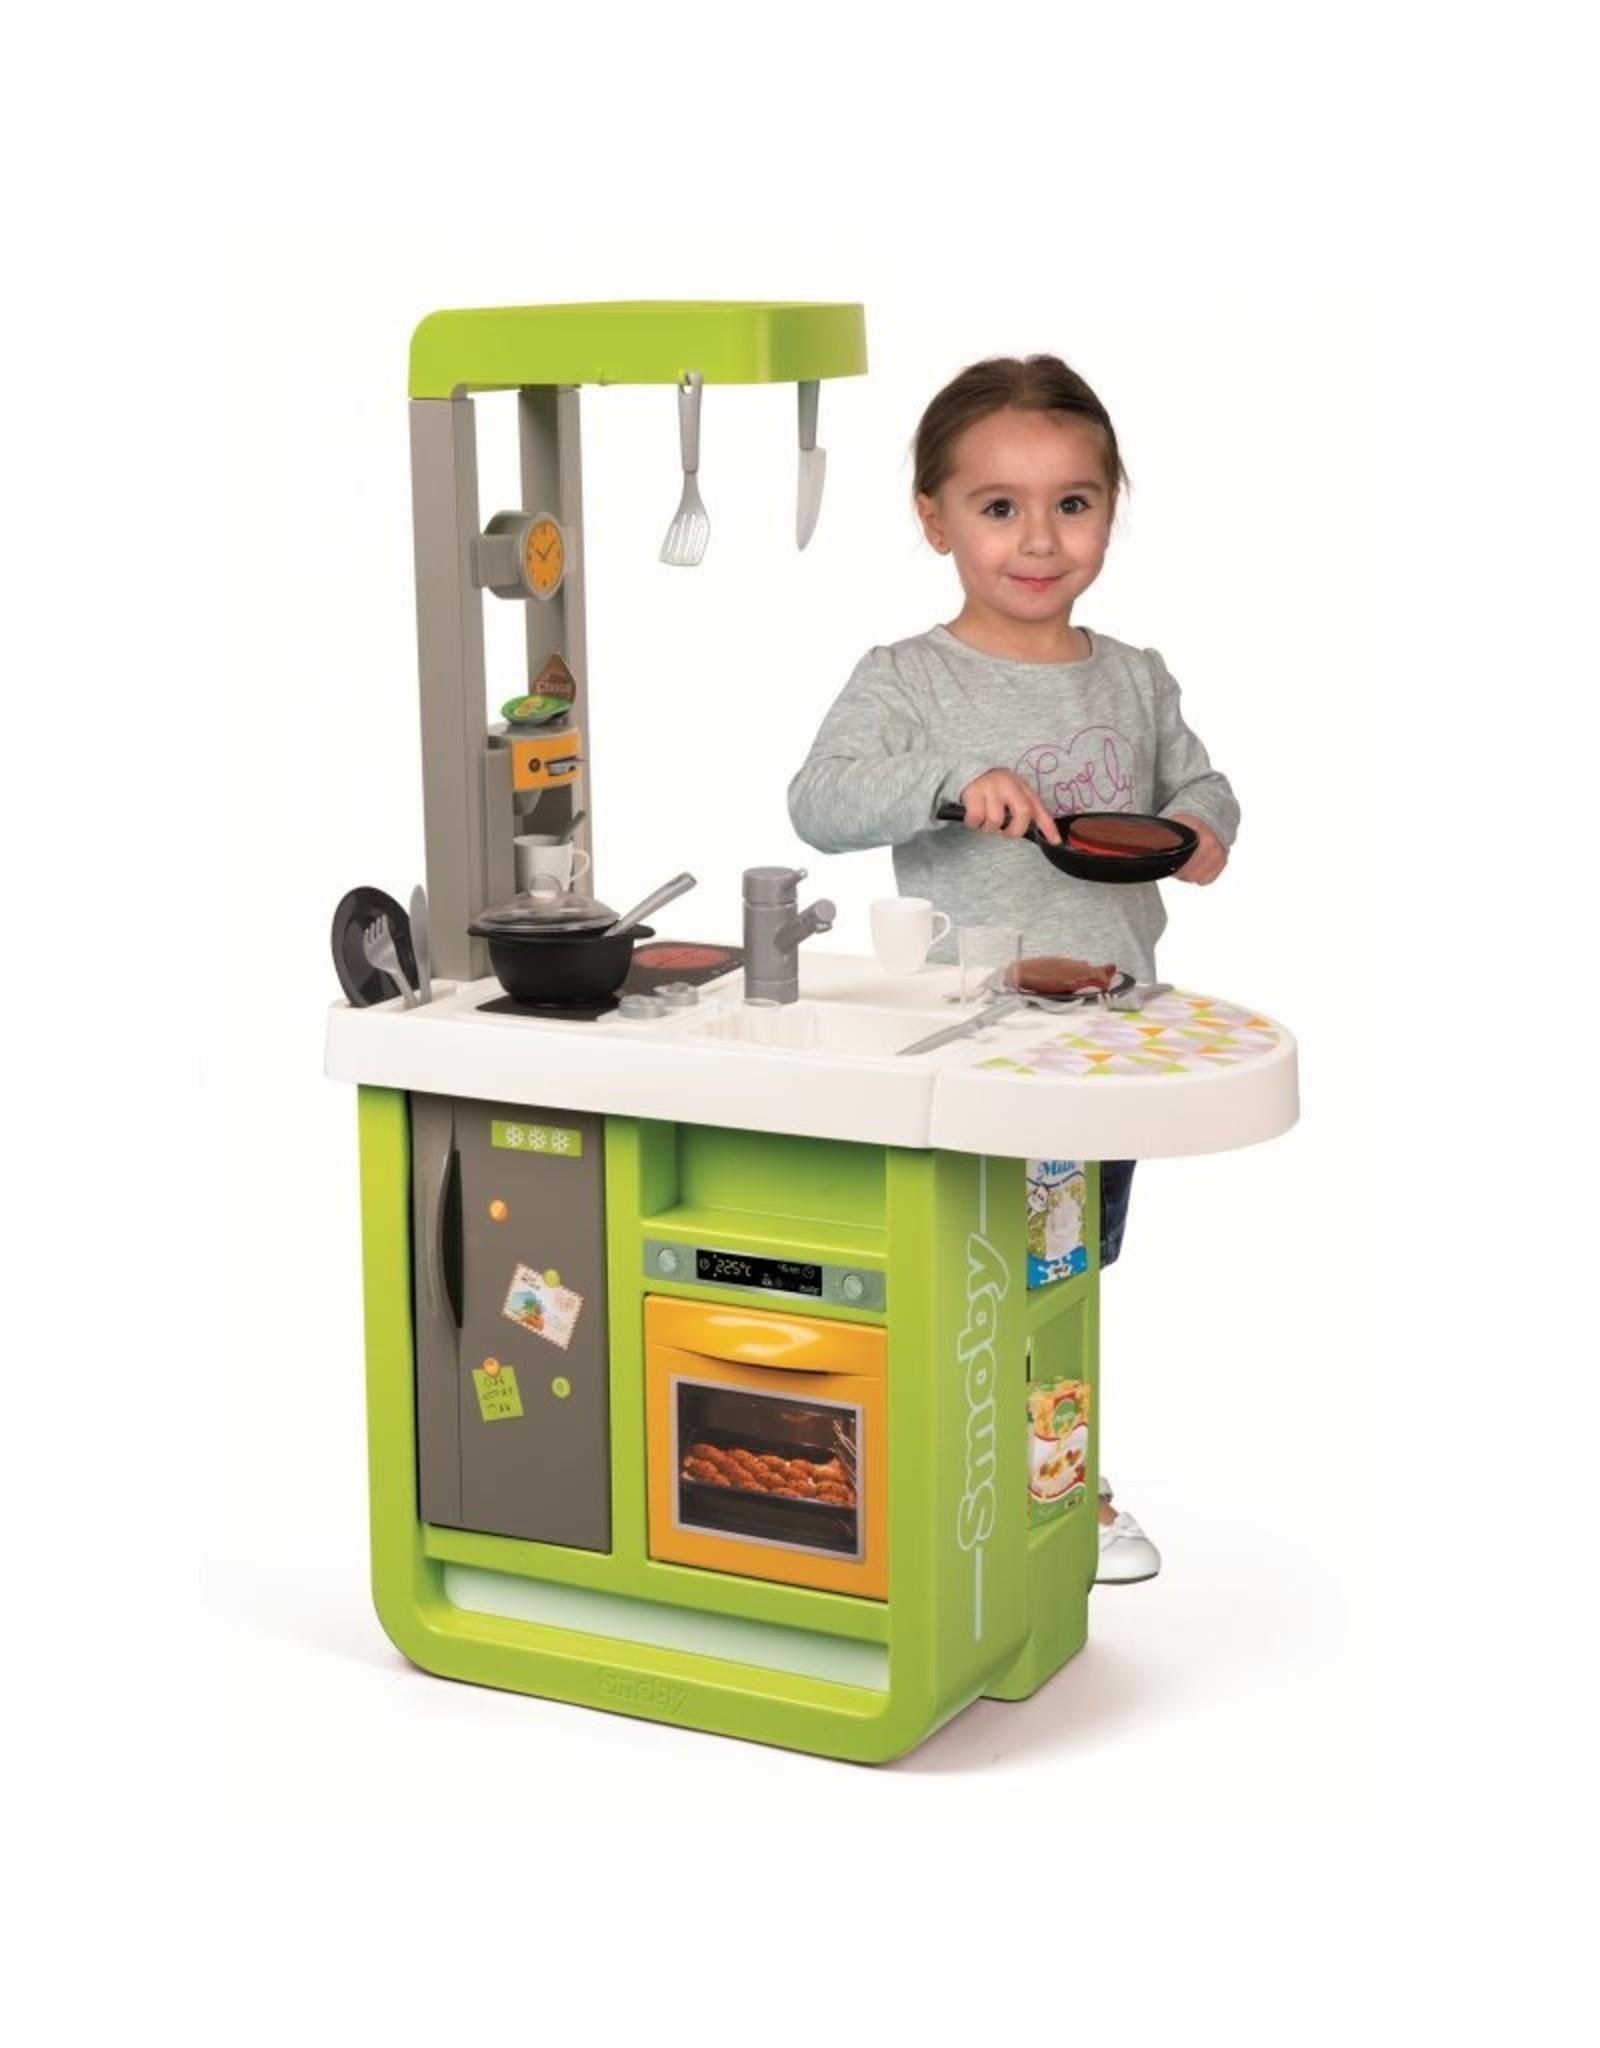 Smoby Cherry Küche 310909 - Spiel Küche